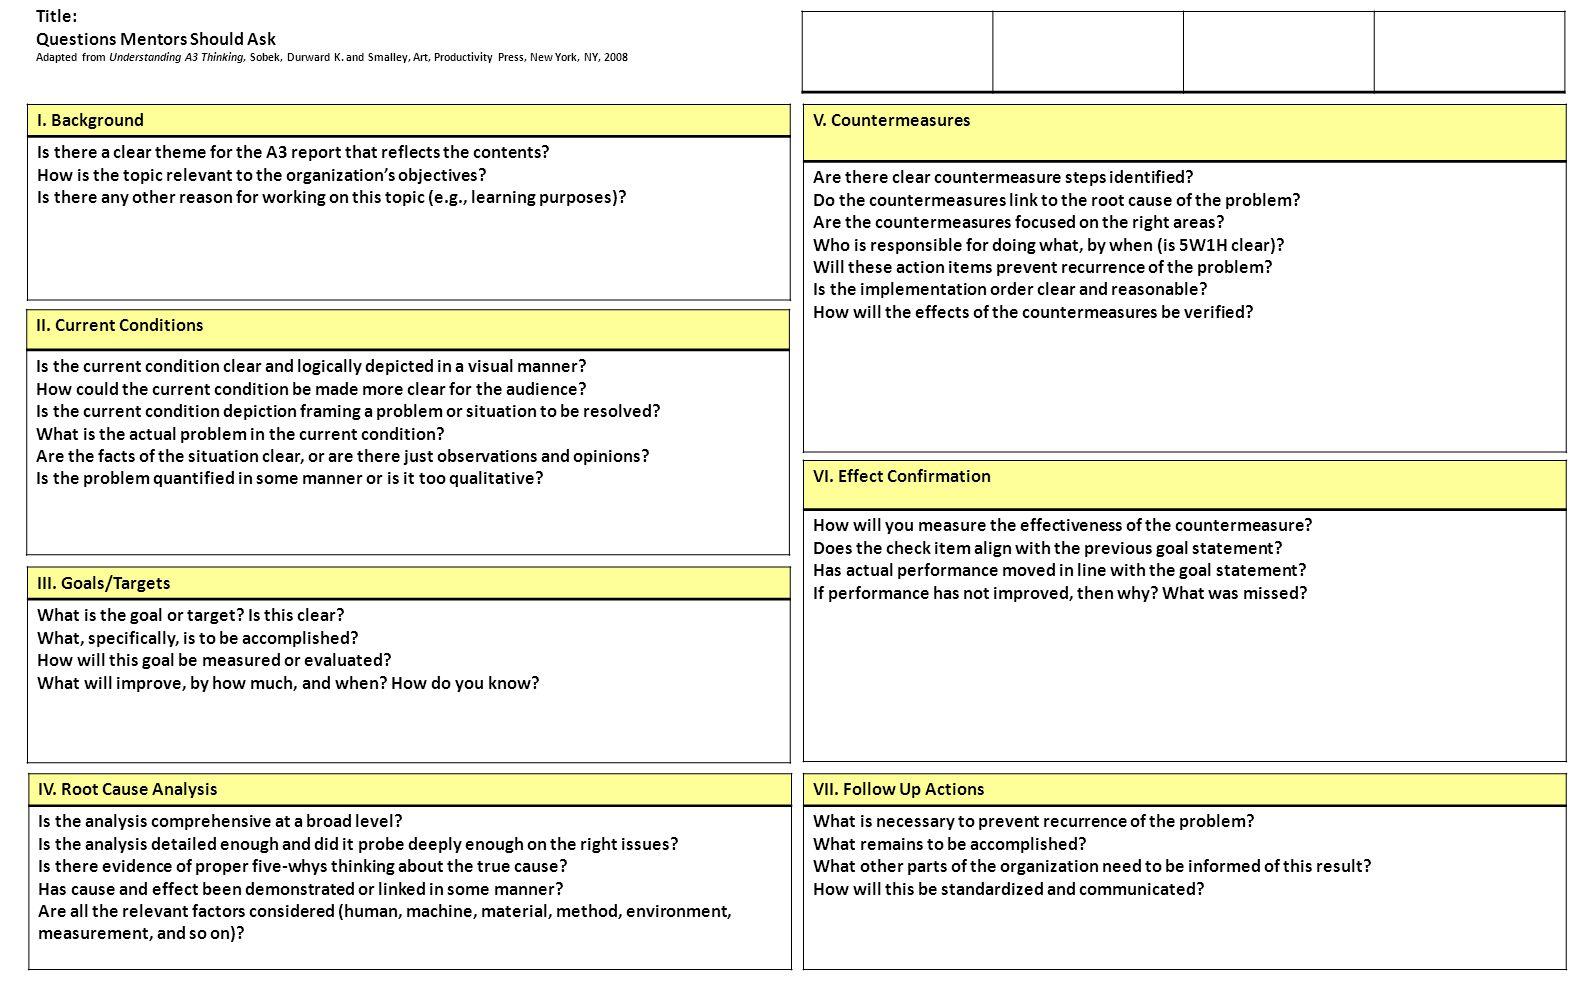 Questions Mentors Should Ask